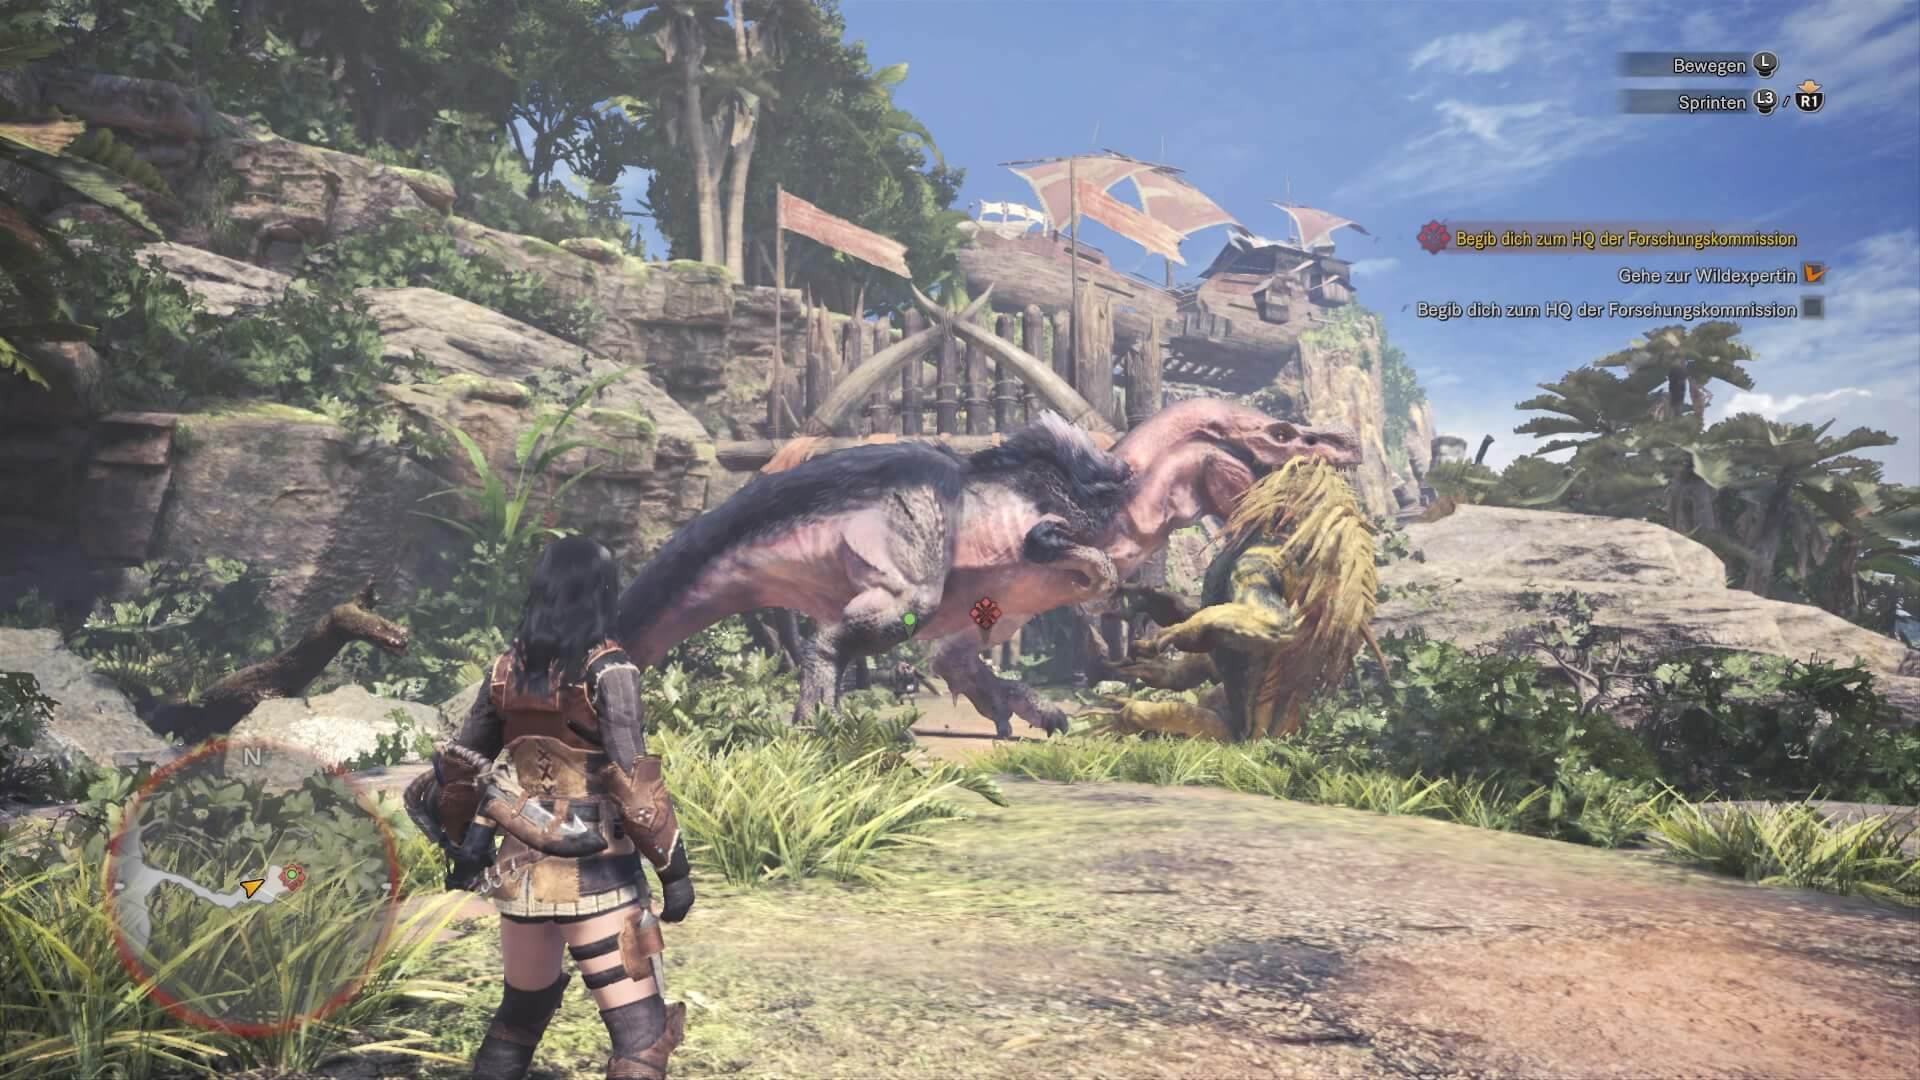 Das dynamische Ökosystem in Monster Hunter World